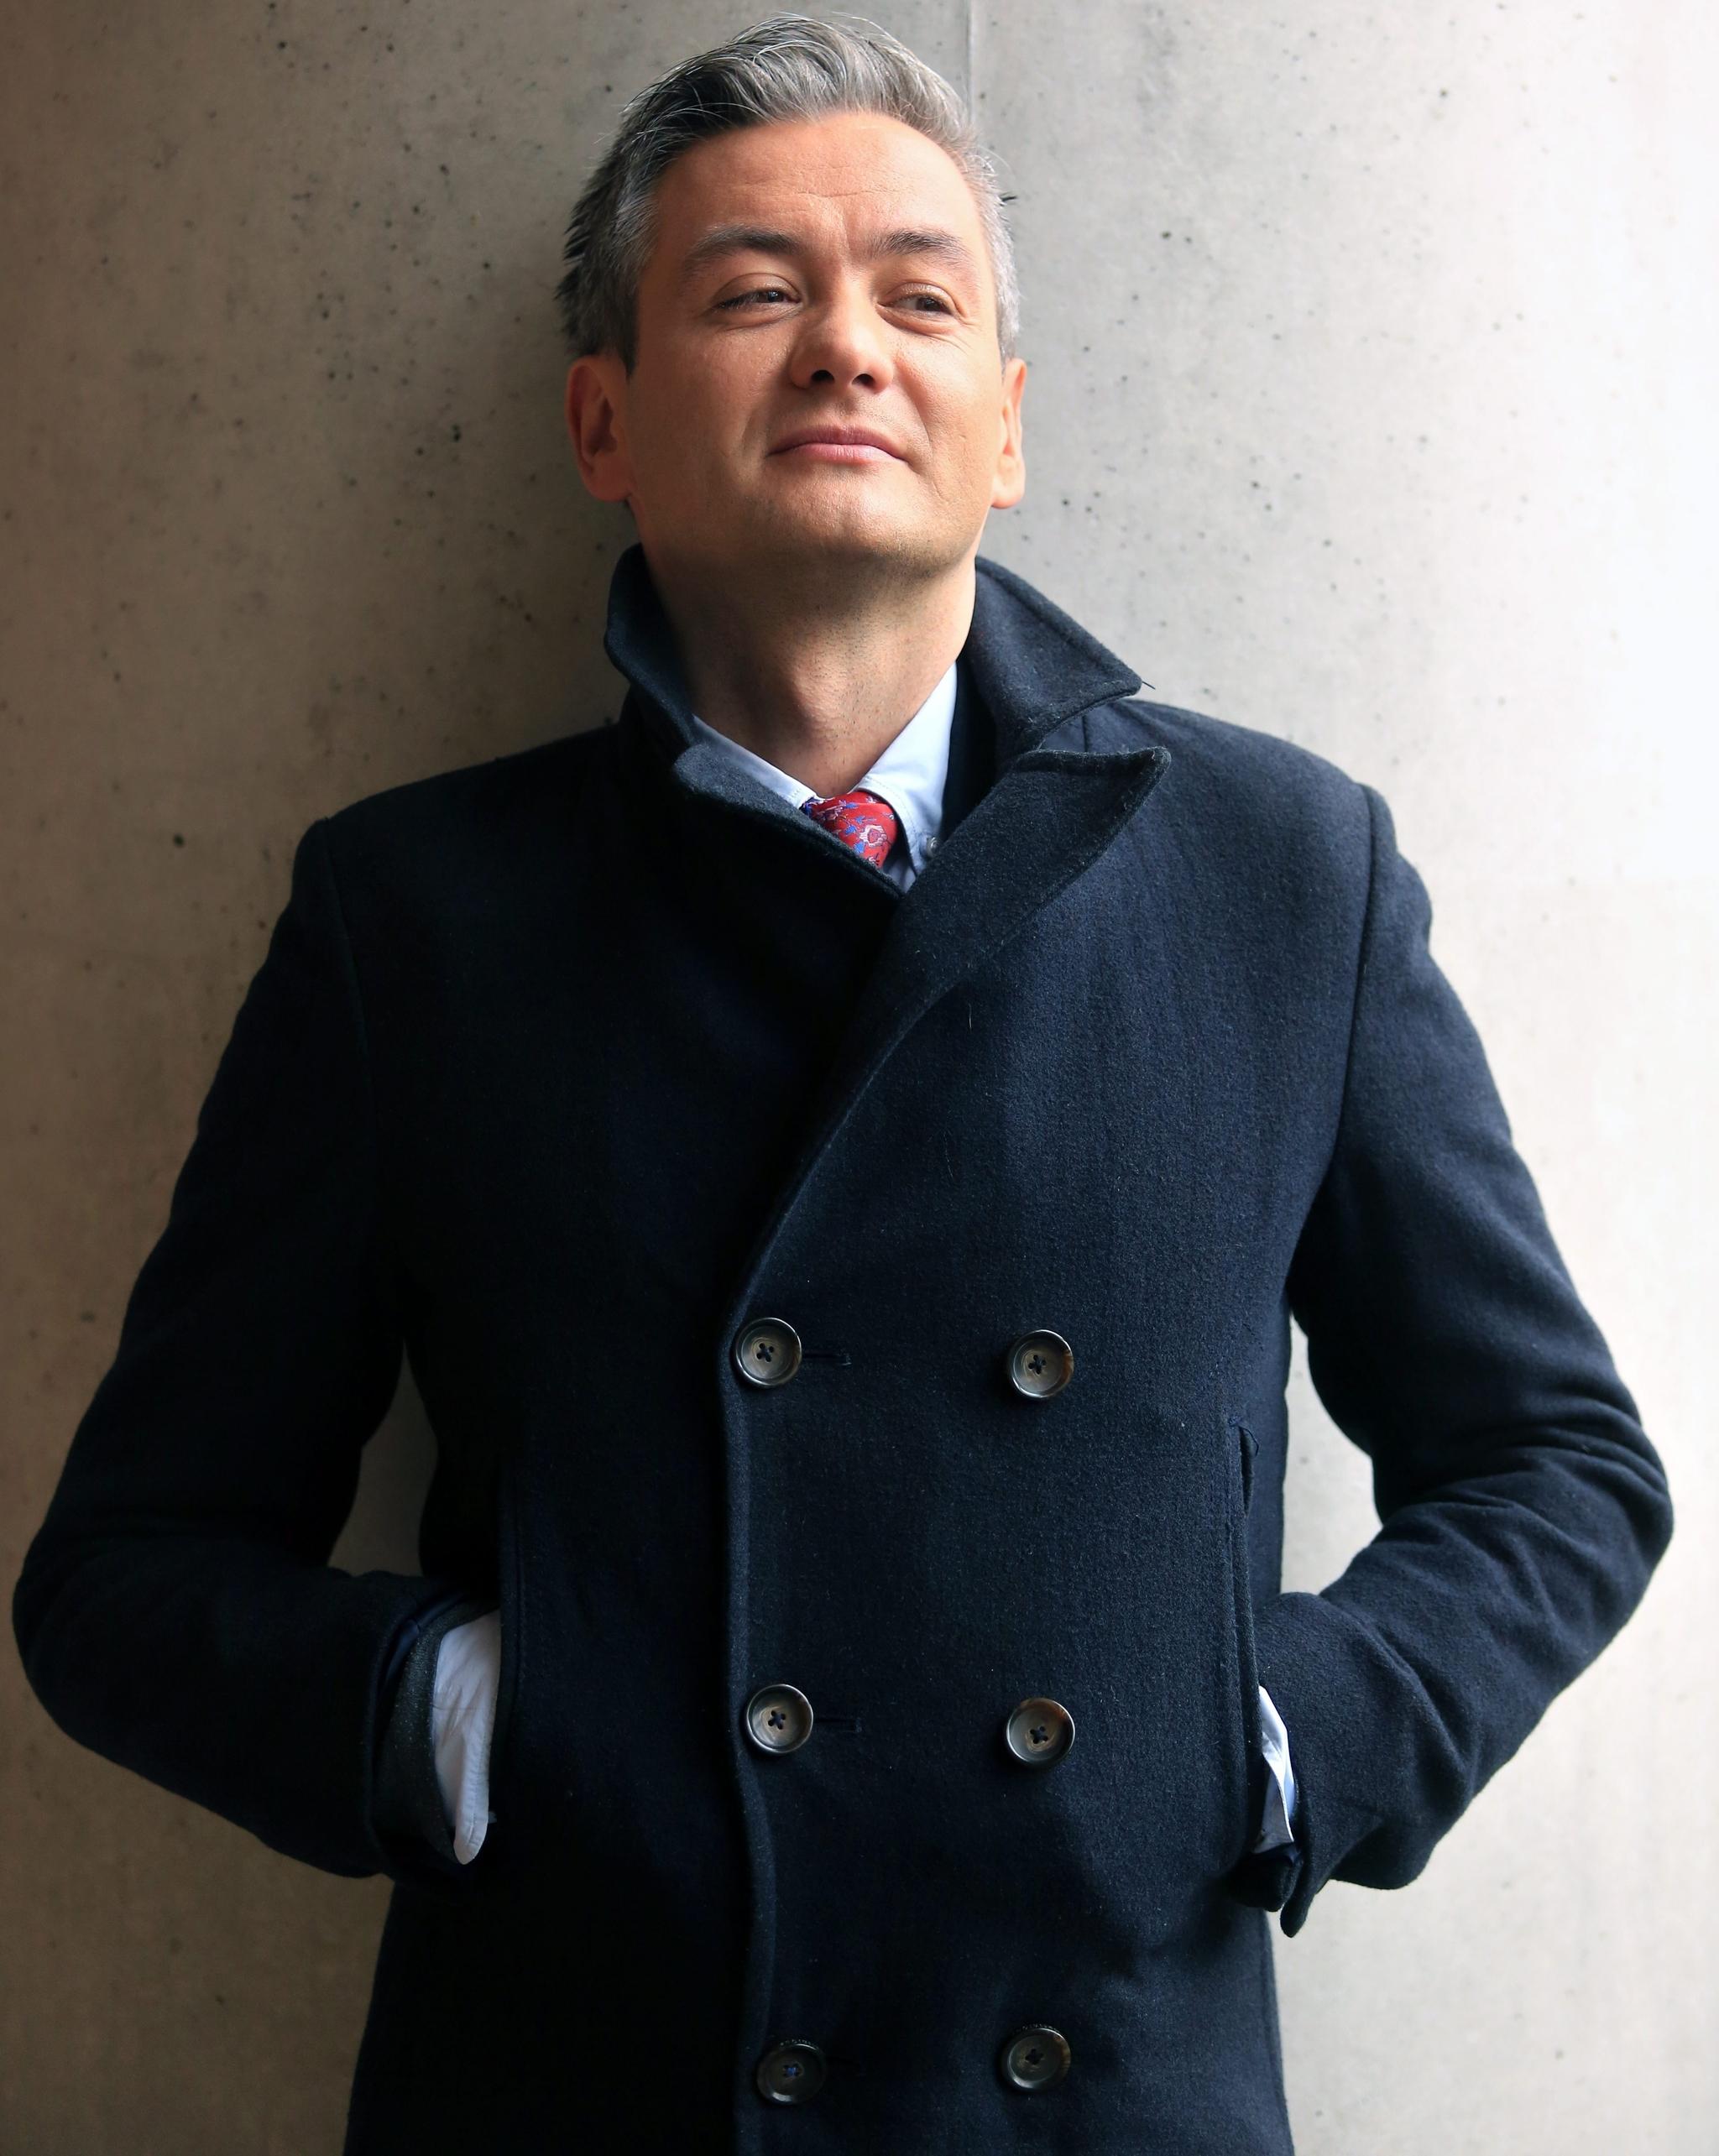 Robert Biedroń (fot. Jacek Marczewski/Agencja Gazeta)